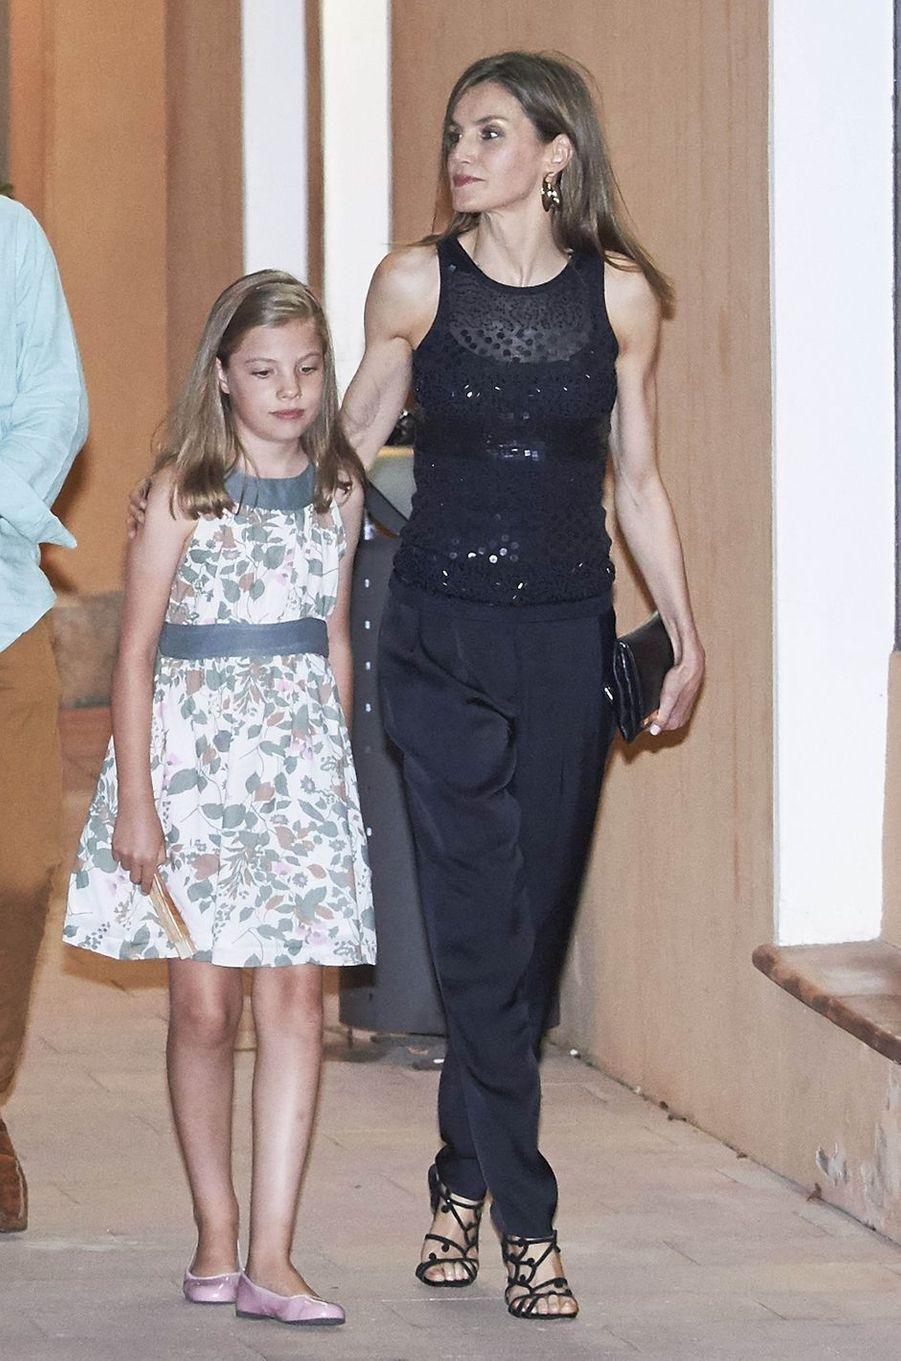 La reine Letizia d'Espagne avec sa fille la princesse Sofia à Majorque, le 31 juillet 2016